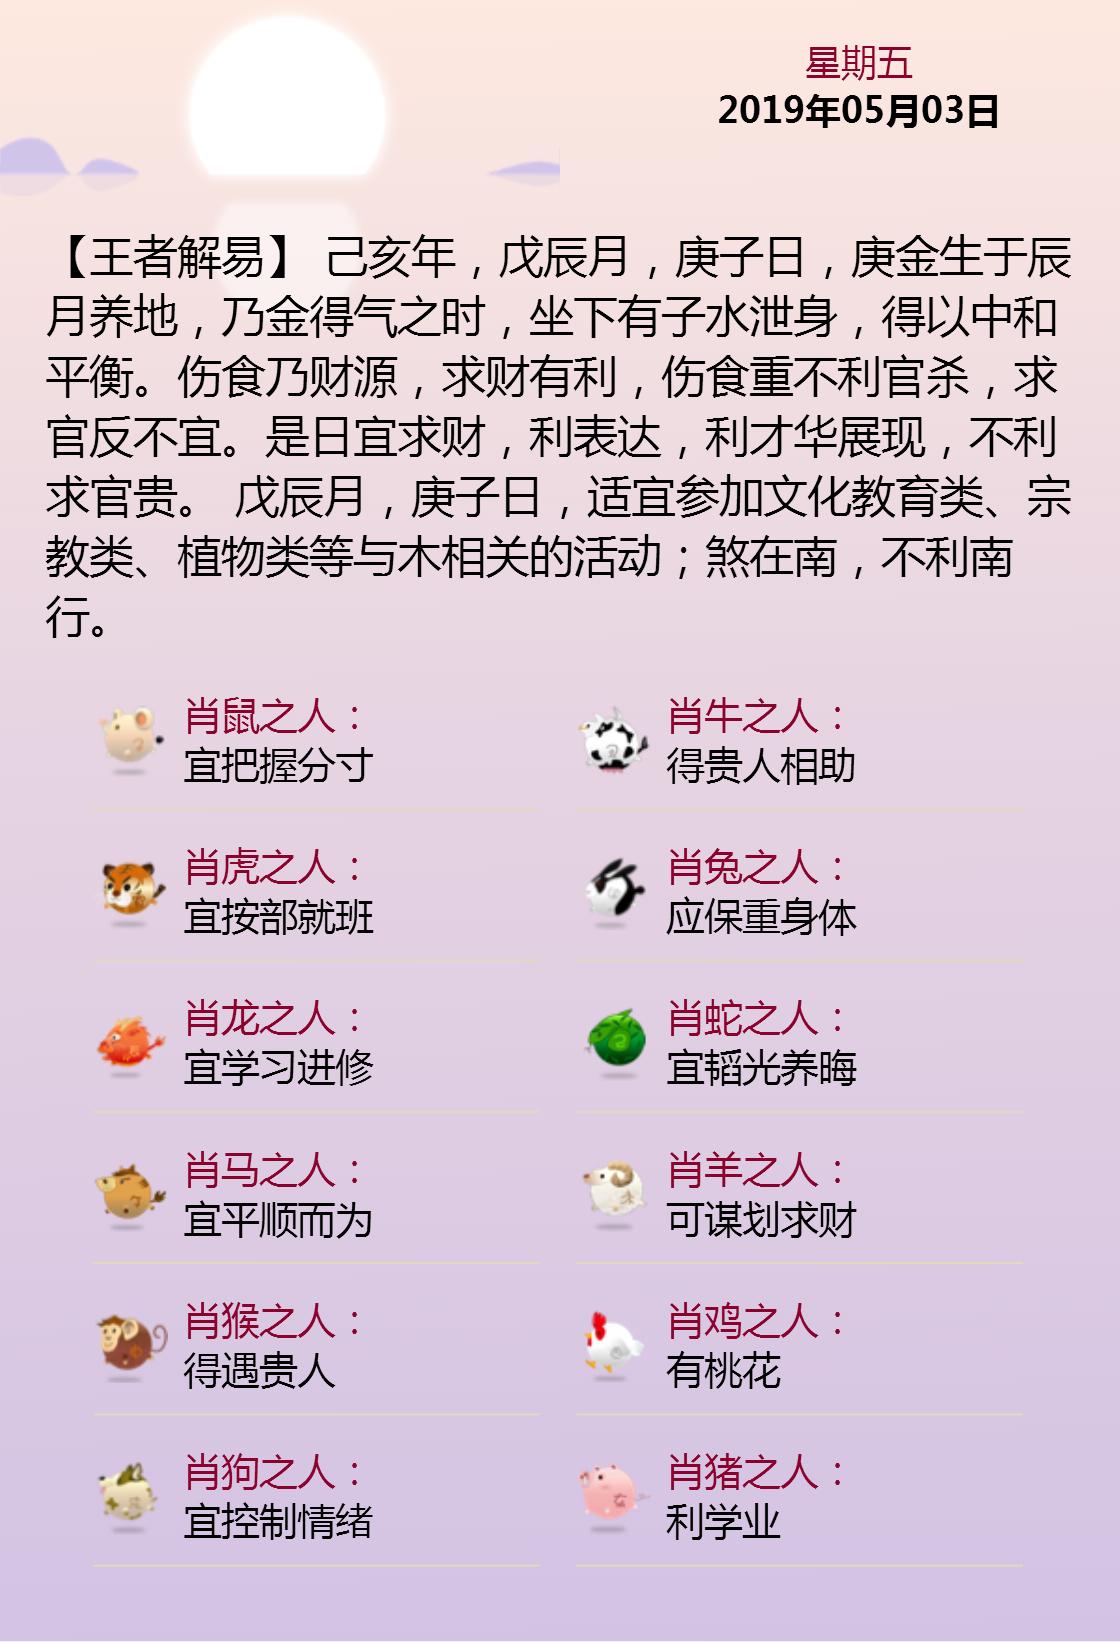 黄历海报20190503.png